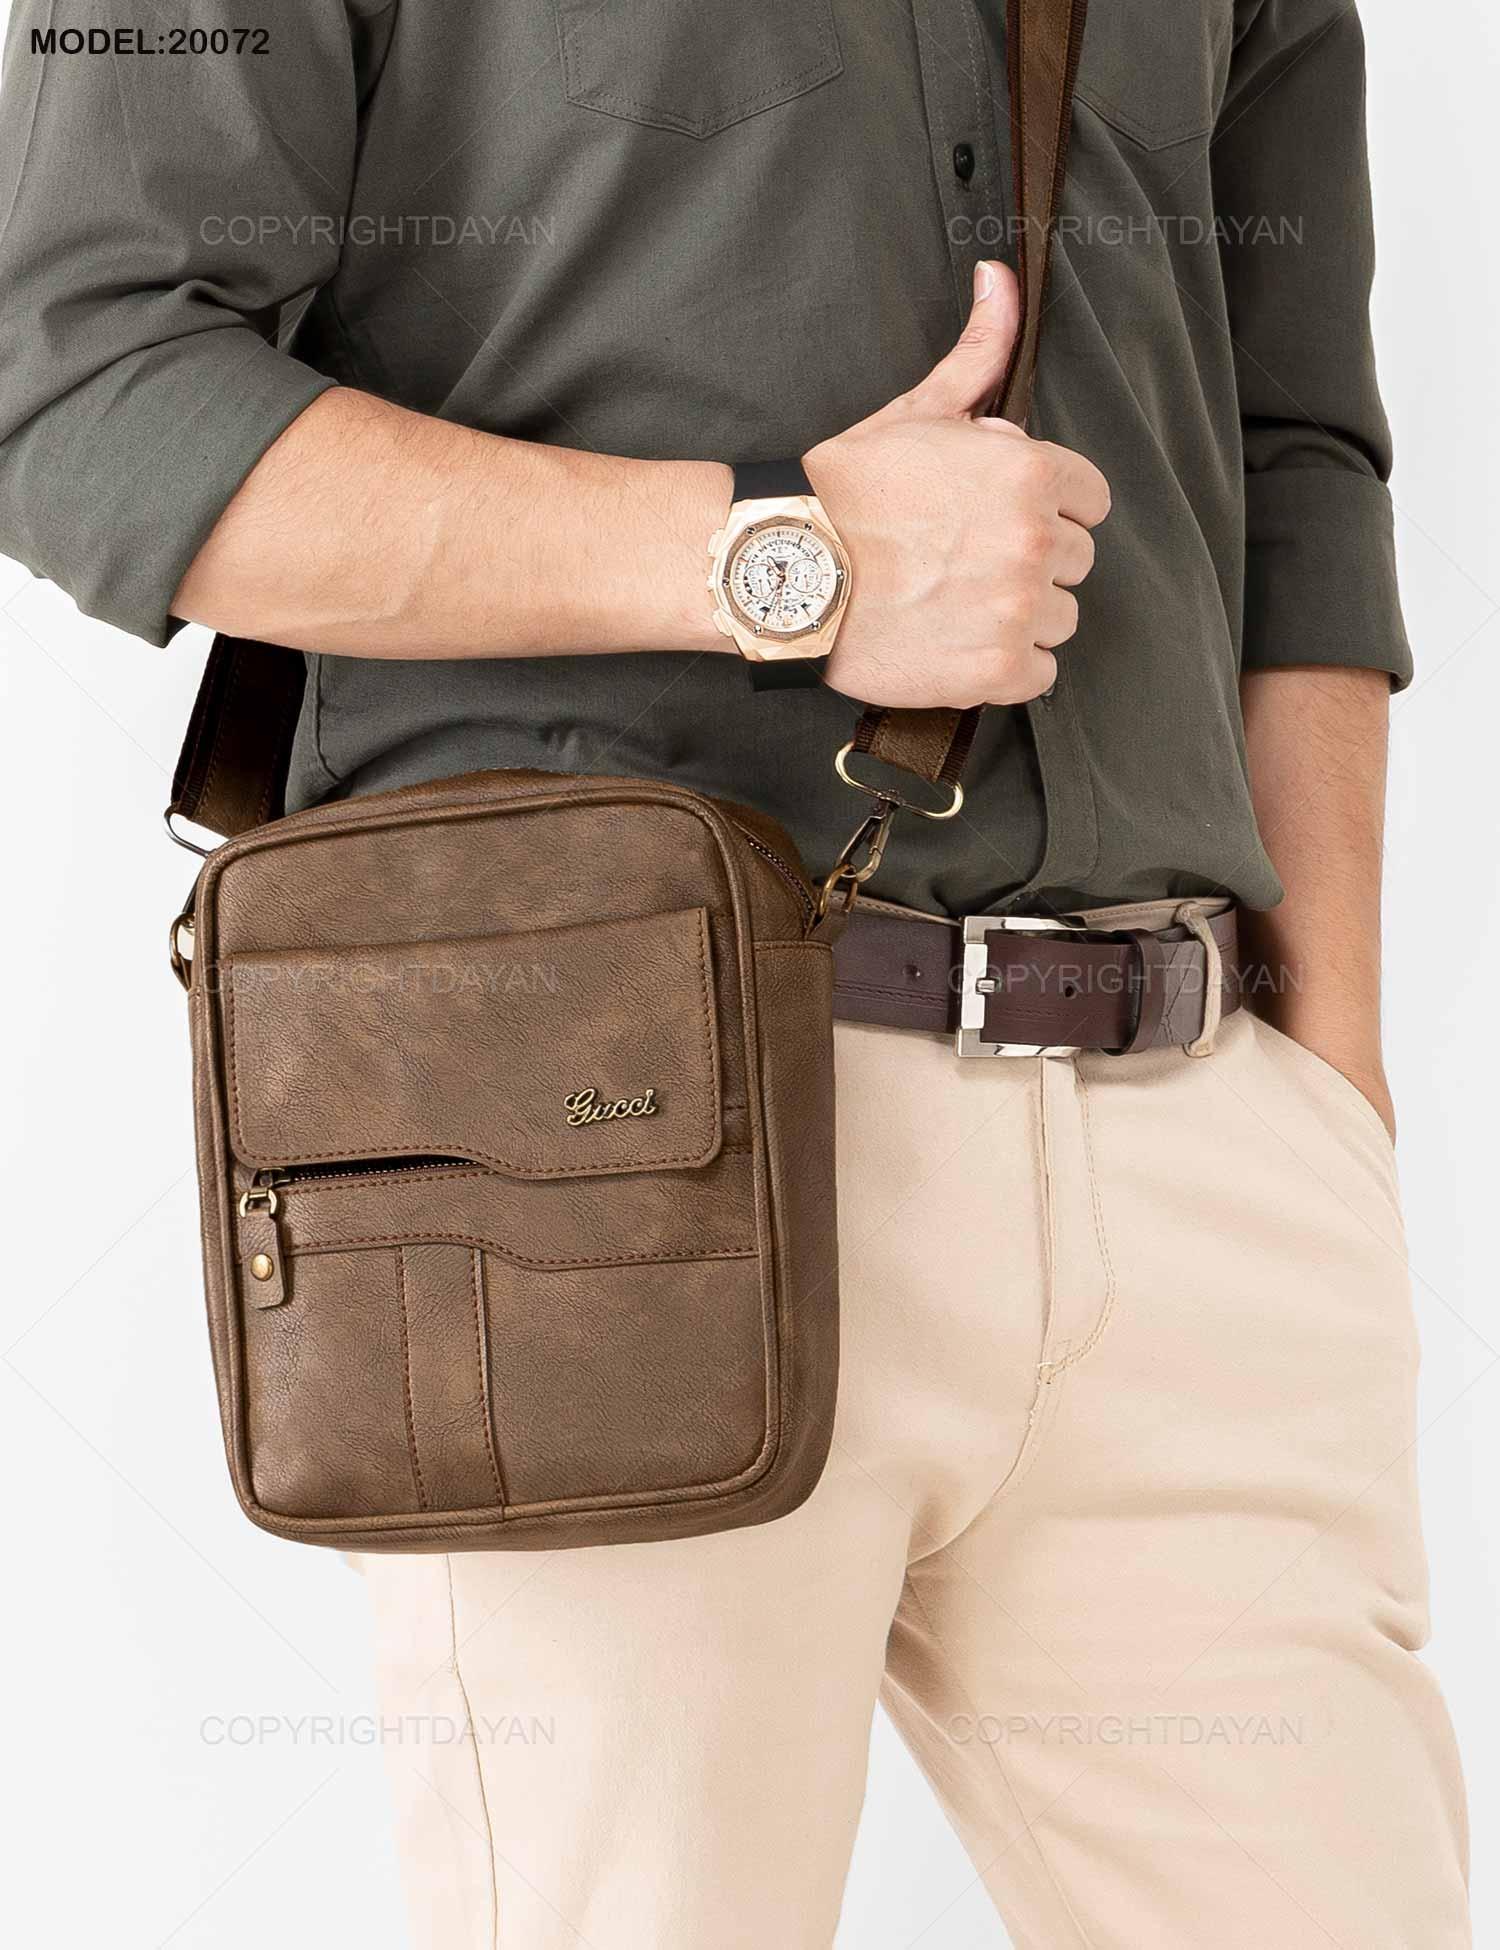 کیف دوشی Gucci مدل 20072